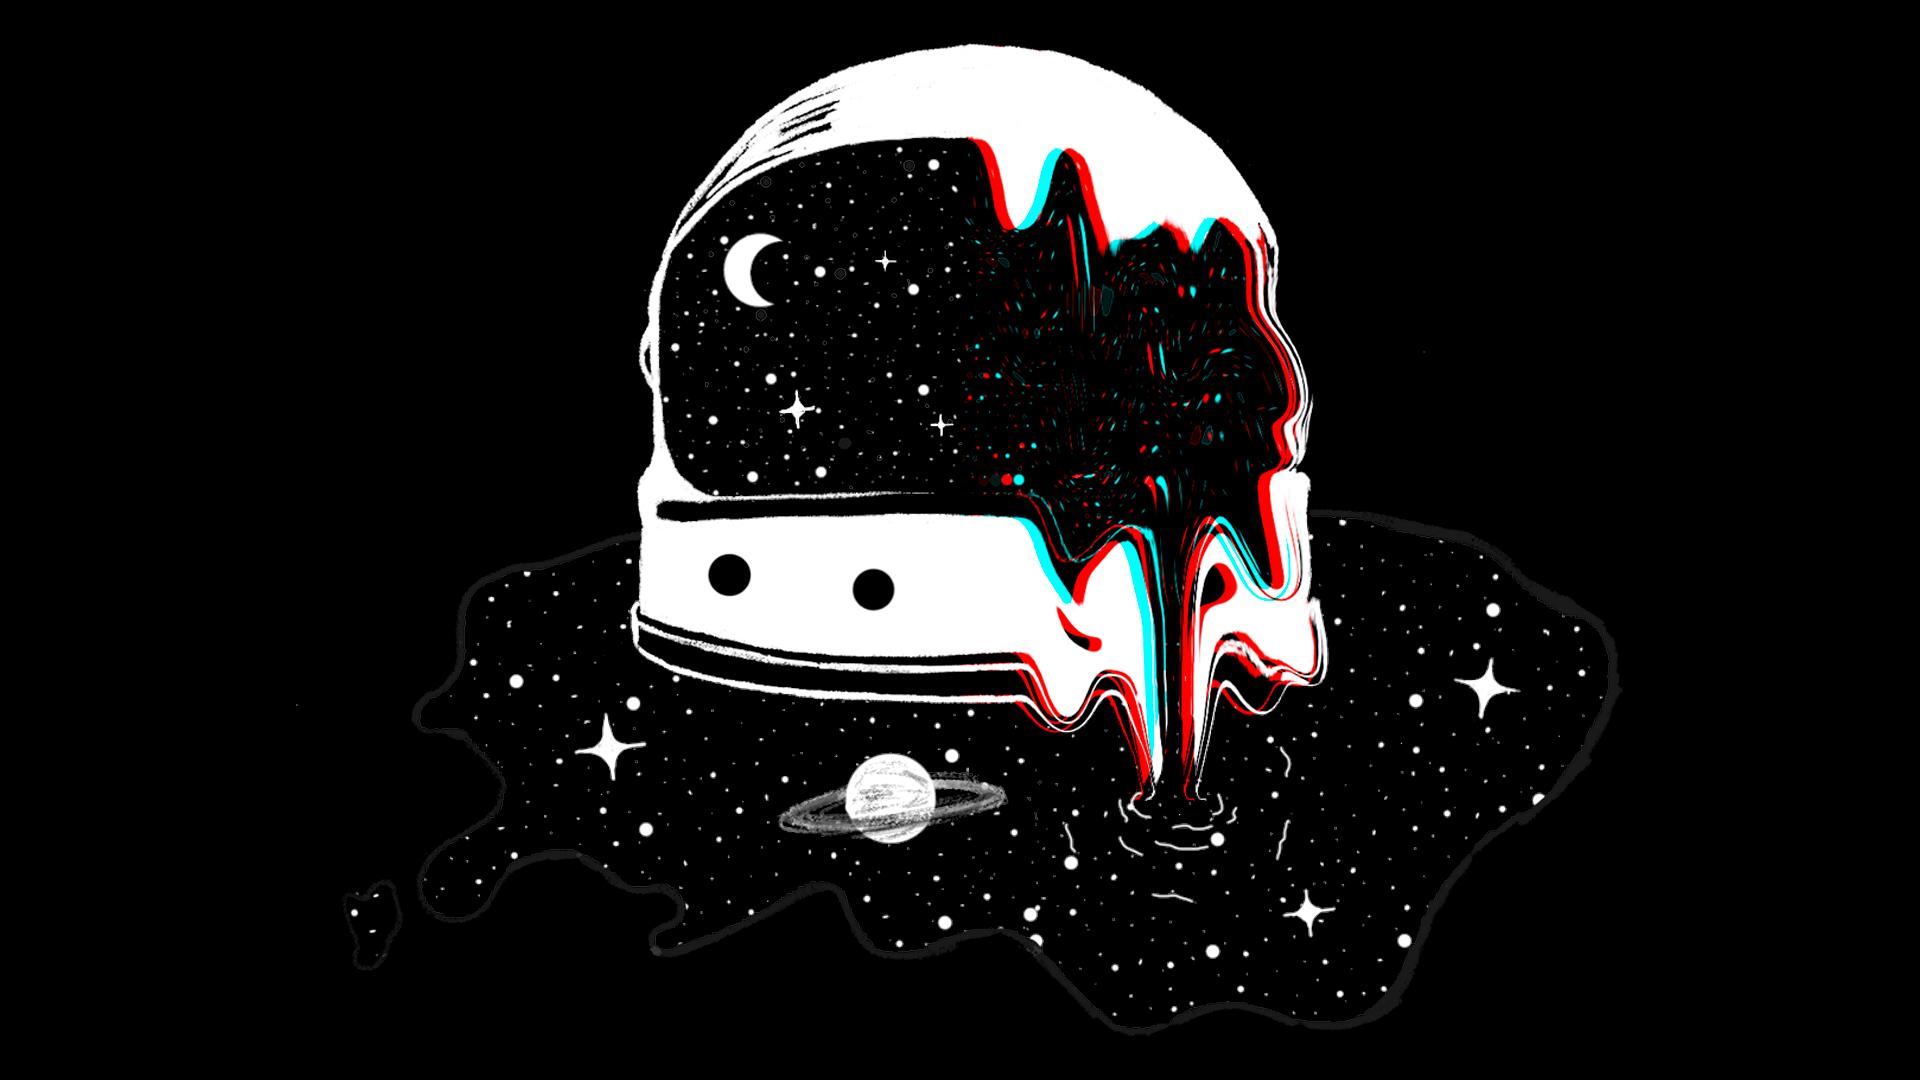 Astronaut Helmet Space Leak Space Drawings Space Art Astronaut Drawing